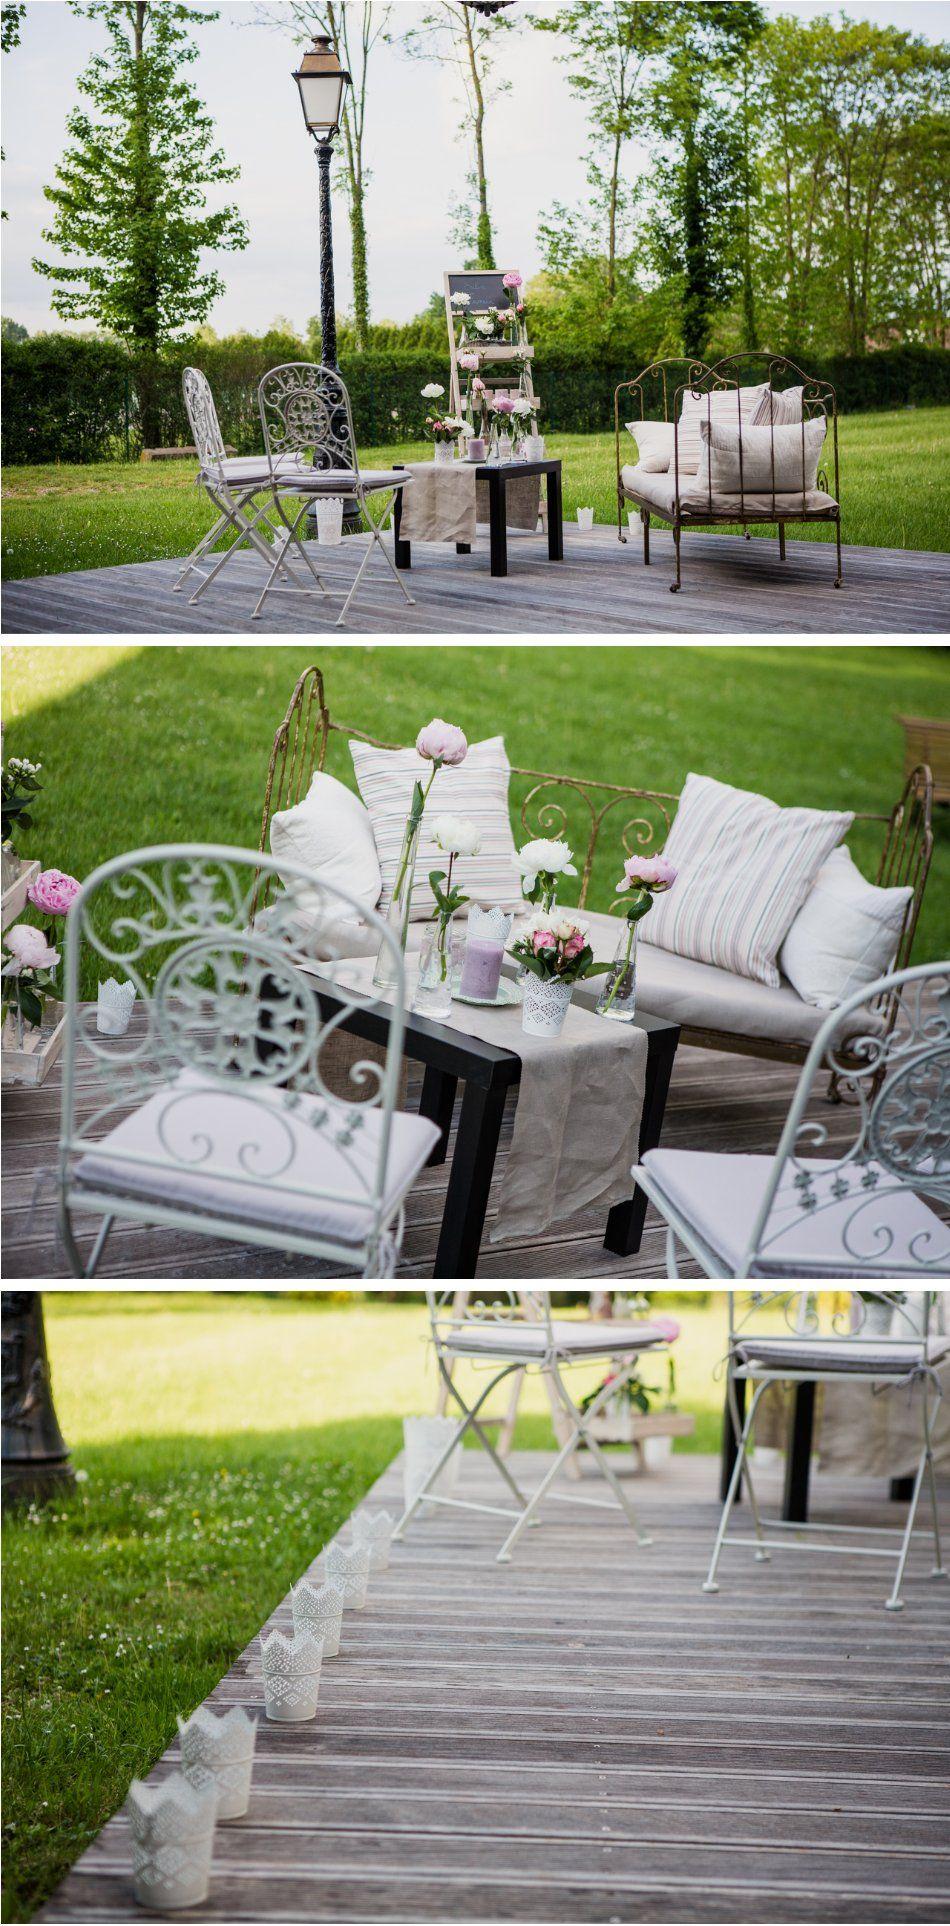 Plan de table origami salon exterieur d co by f elicit photos raphael melka mariage sur le - Salon de jardin en anglais ...